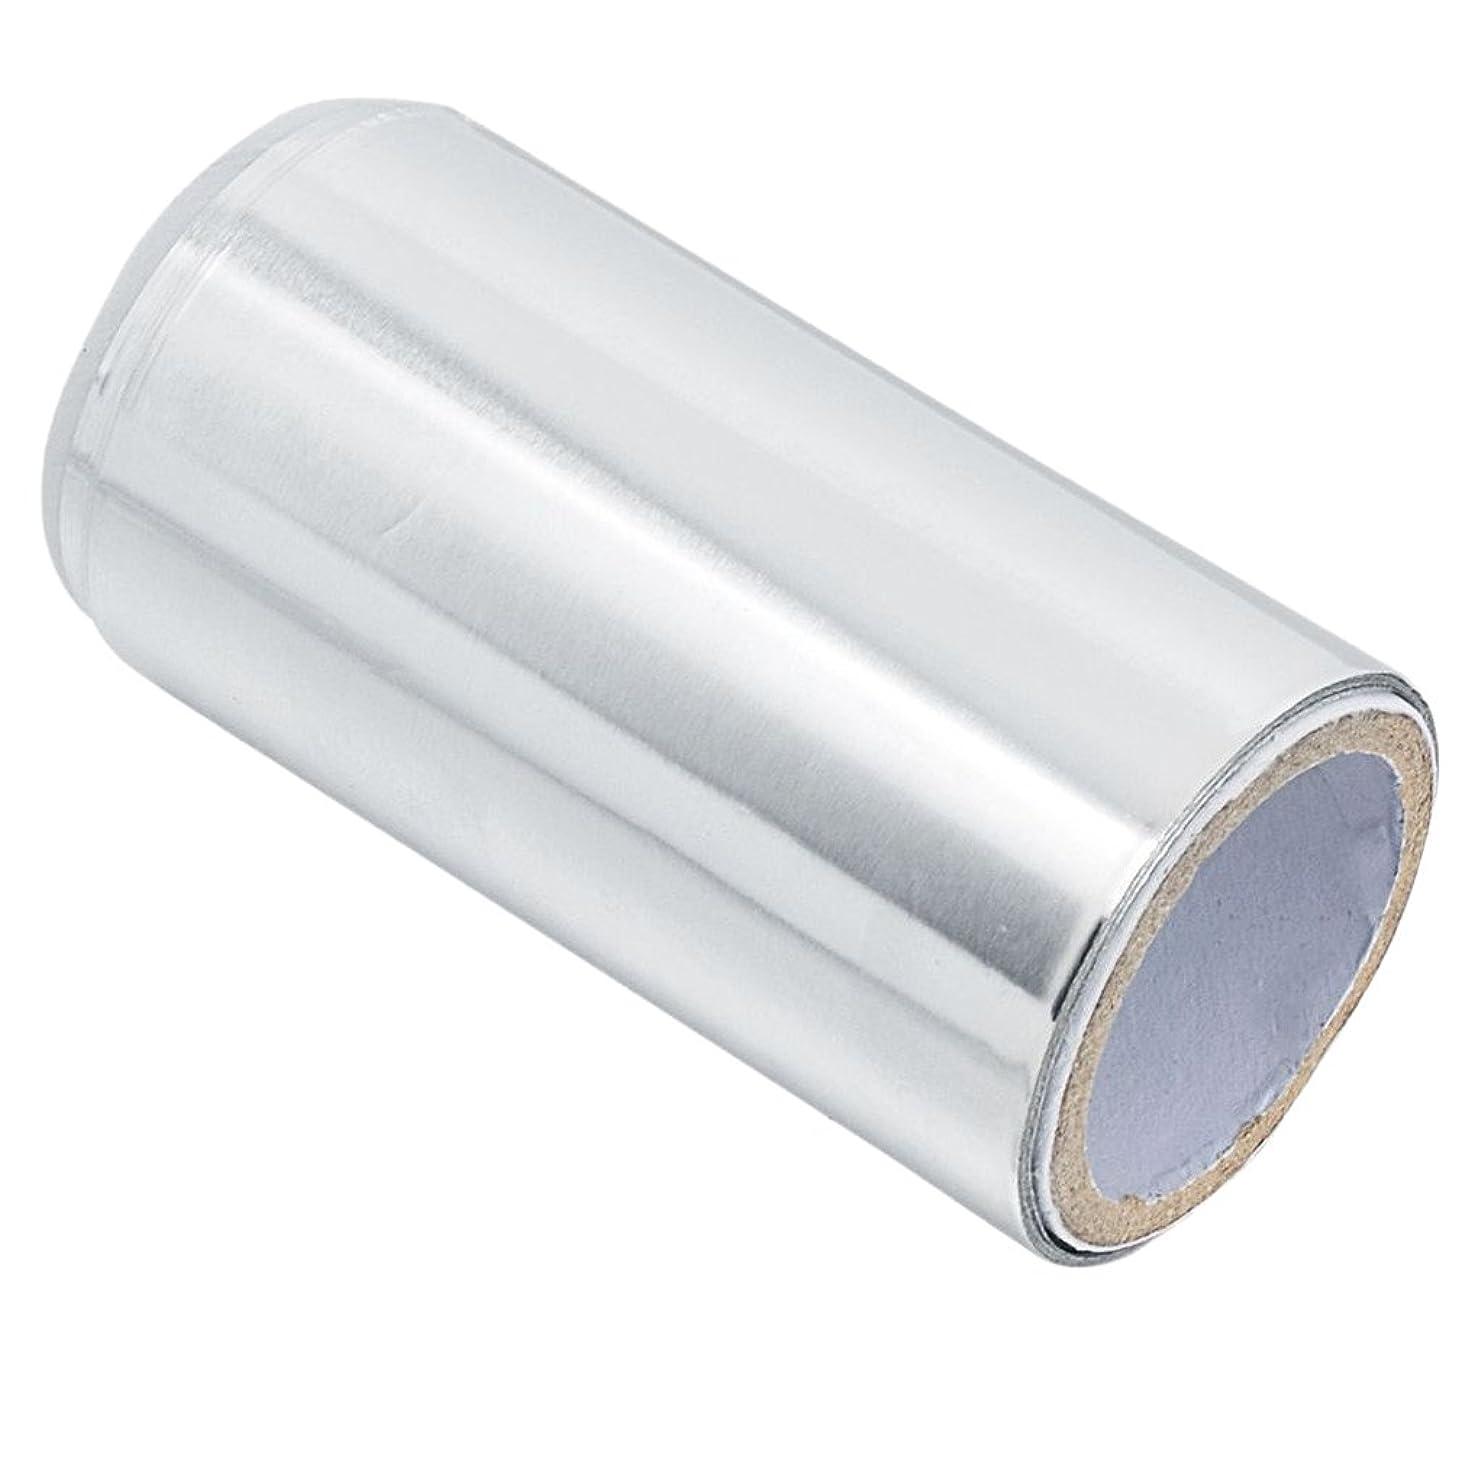 マニキュア錫箔紙 ヘア/ネイル用 ジェル除却 ヘアパーマ 約5m